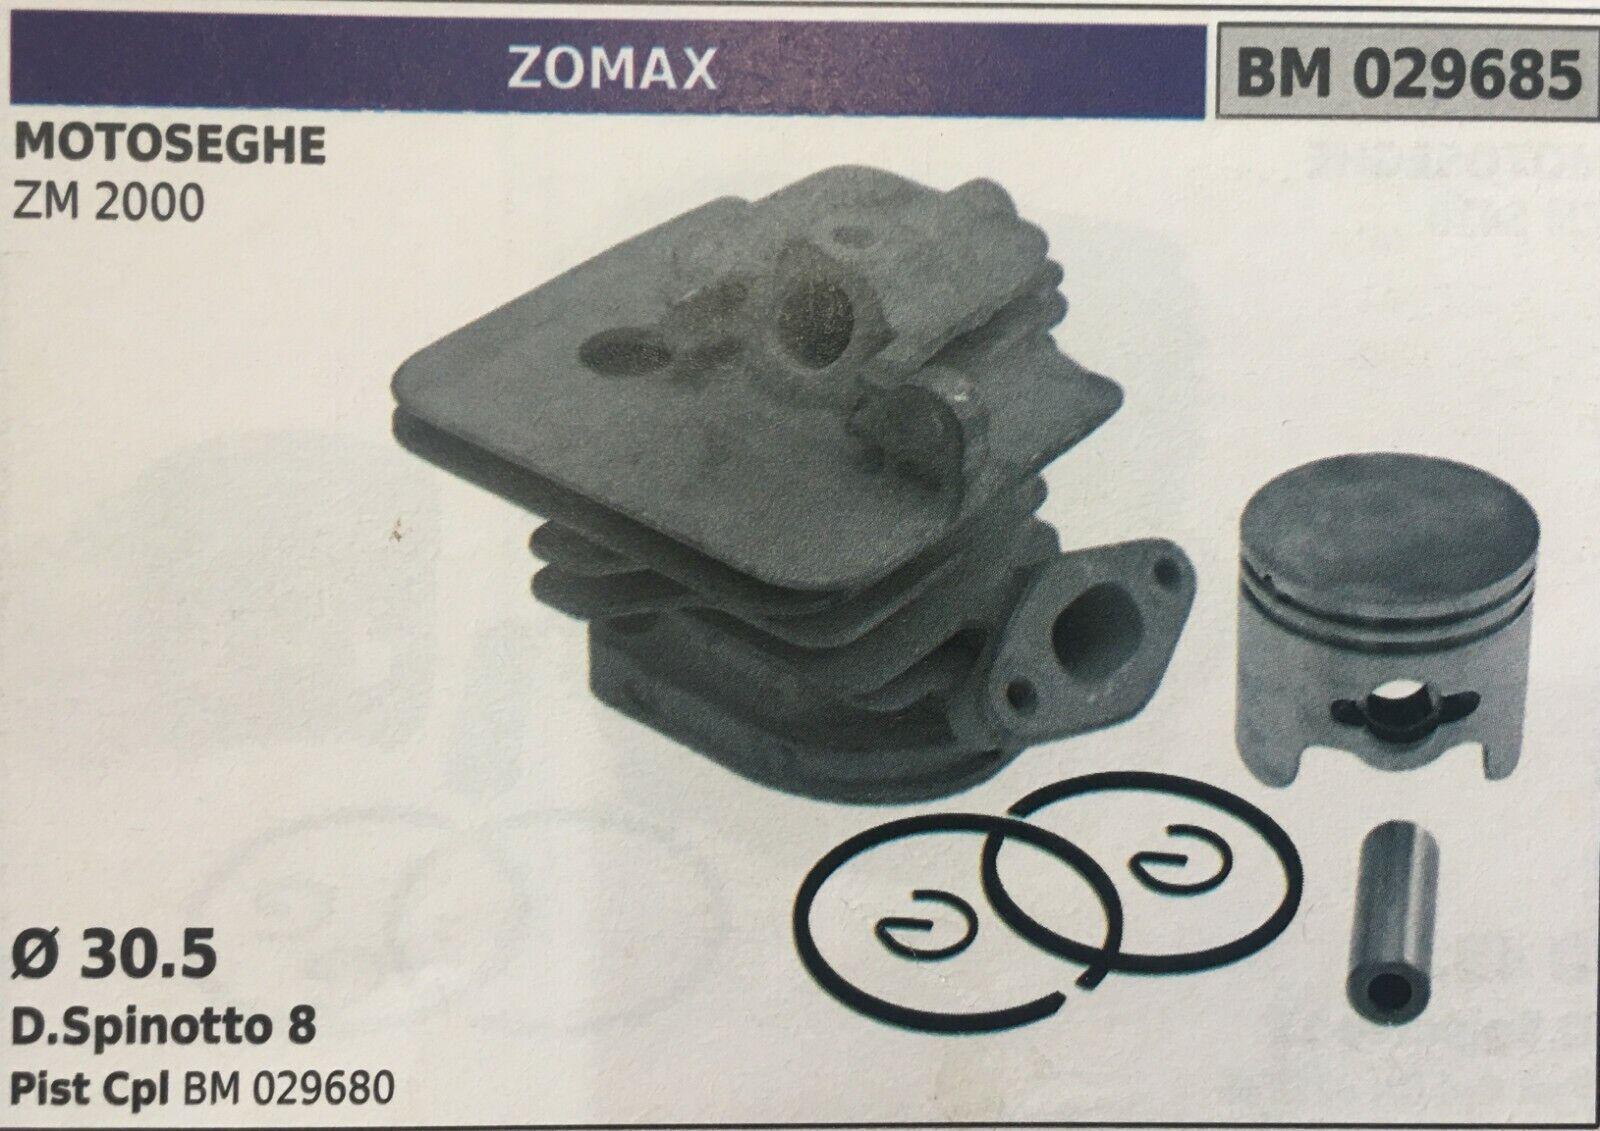 Cilindro Completo por Pistón y Segmentos Brumar BM029685 Motosierra Zomax